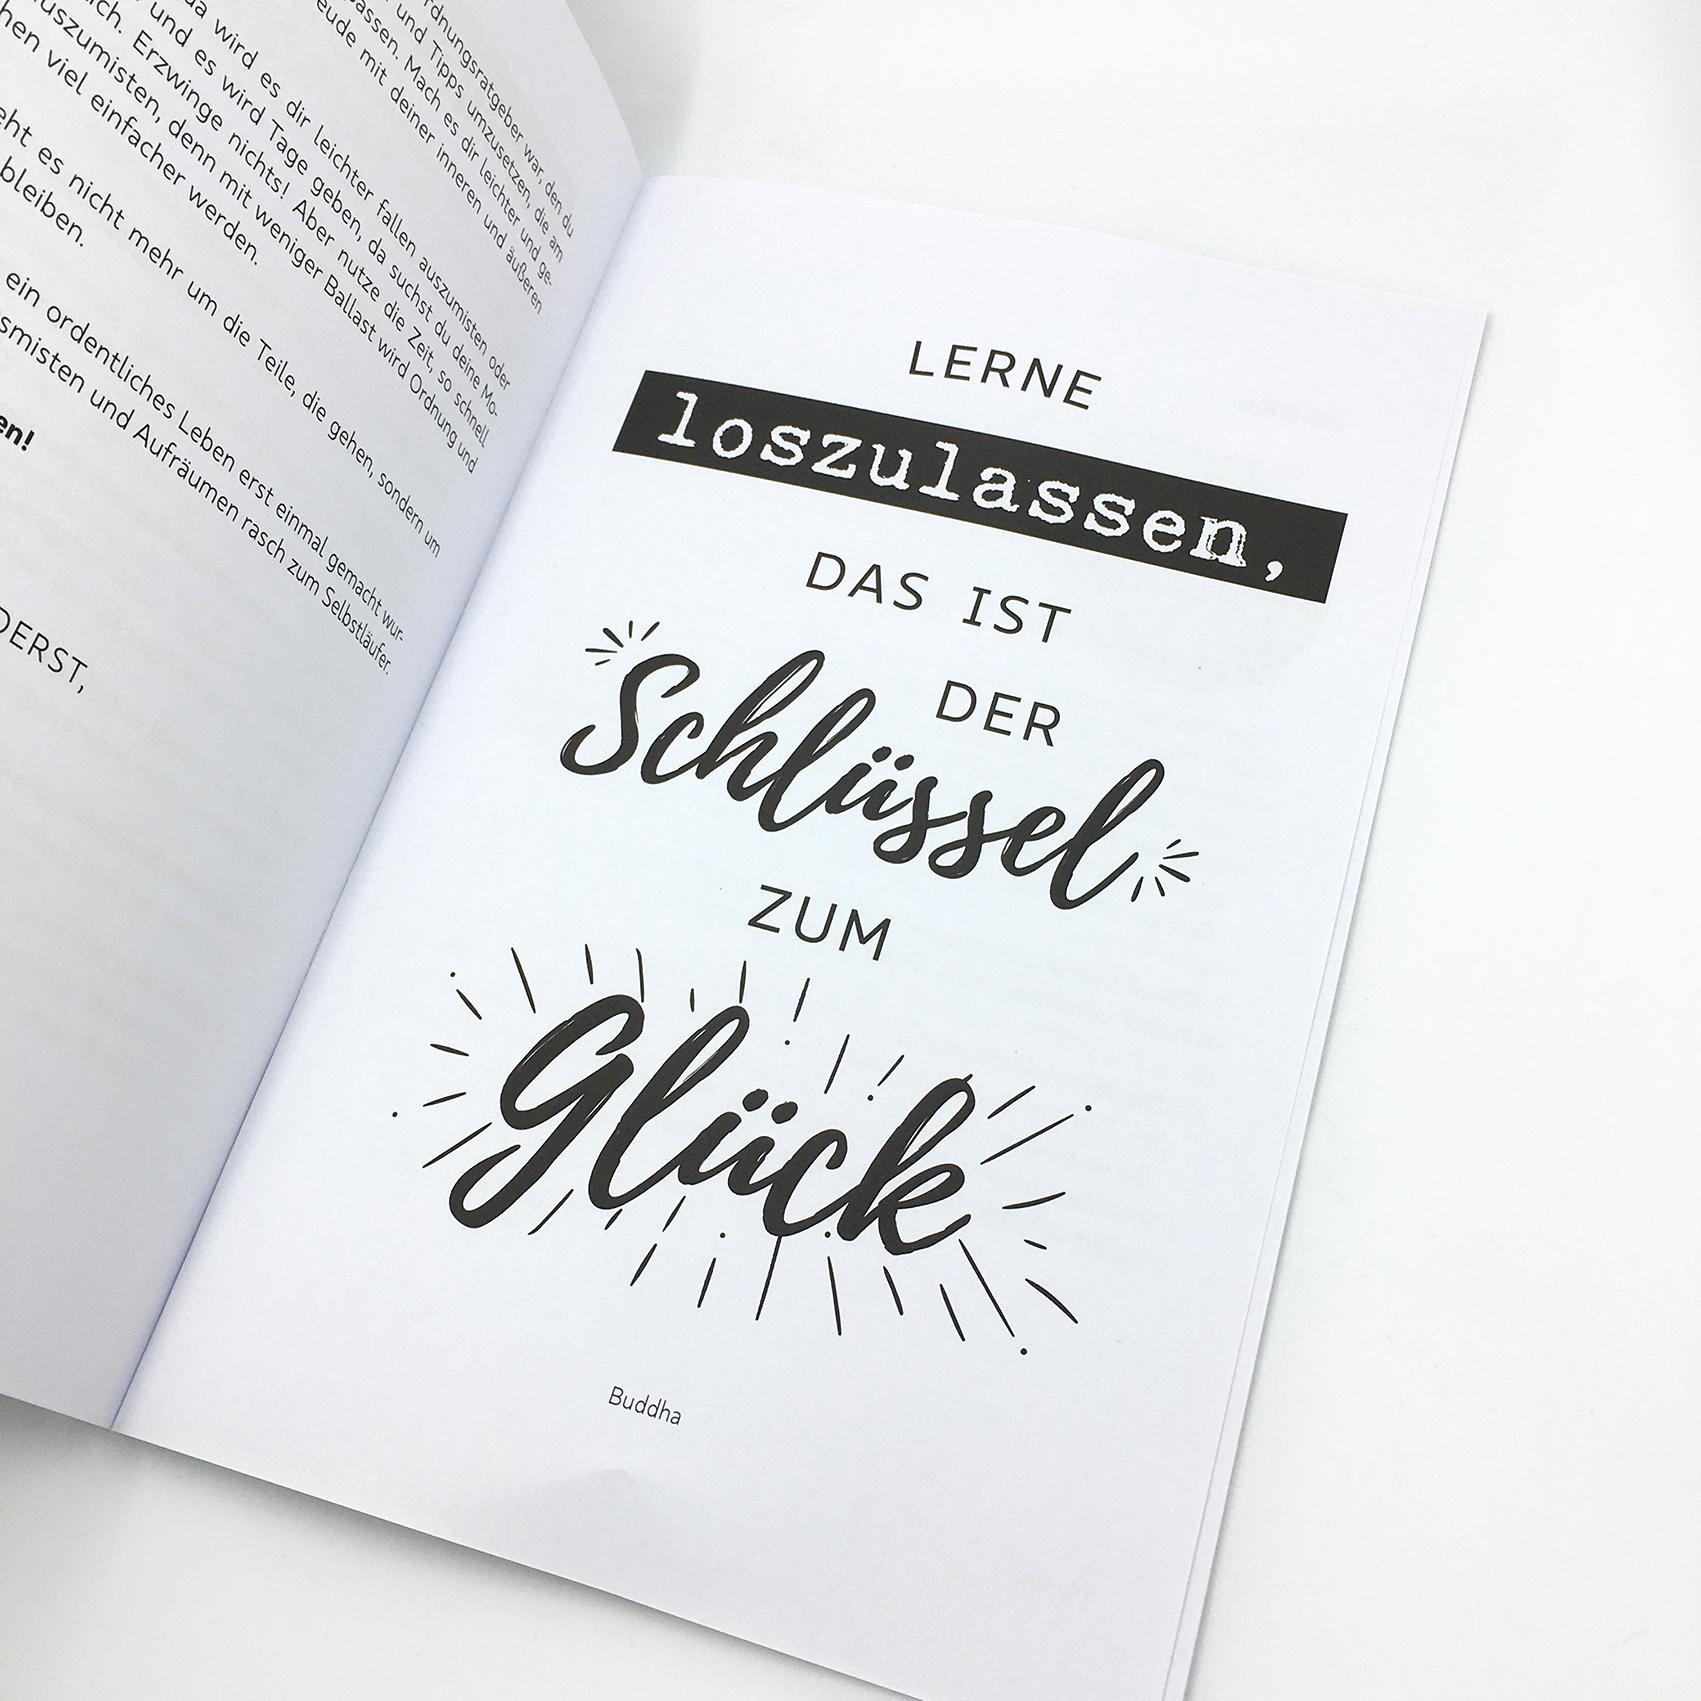 Buchgestaltung, Buch layout, Grafikdesign, Werbeagentur, Buch gestalten lassen, Niederösterreich, Bezirk Melk, Scheibbs, Helga Zöchbauer, hello! Designstudio, Katrin Scheichelbauer